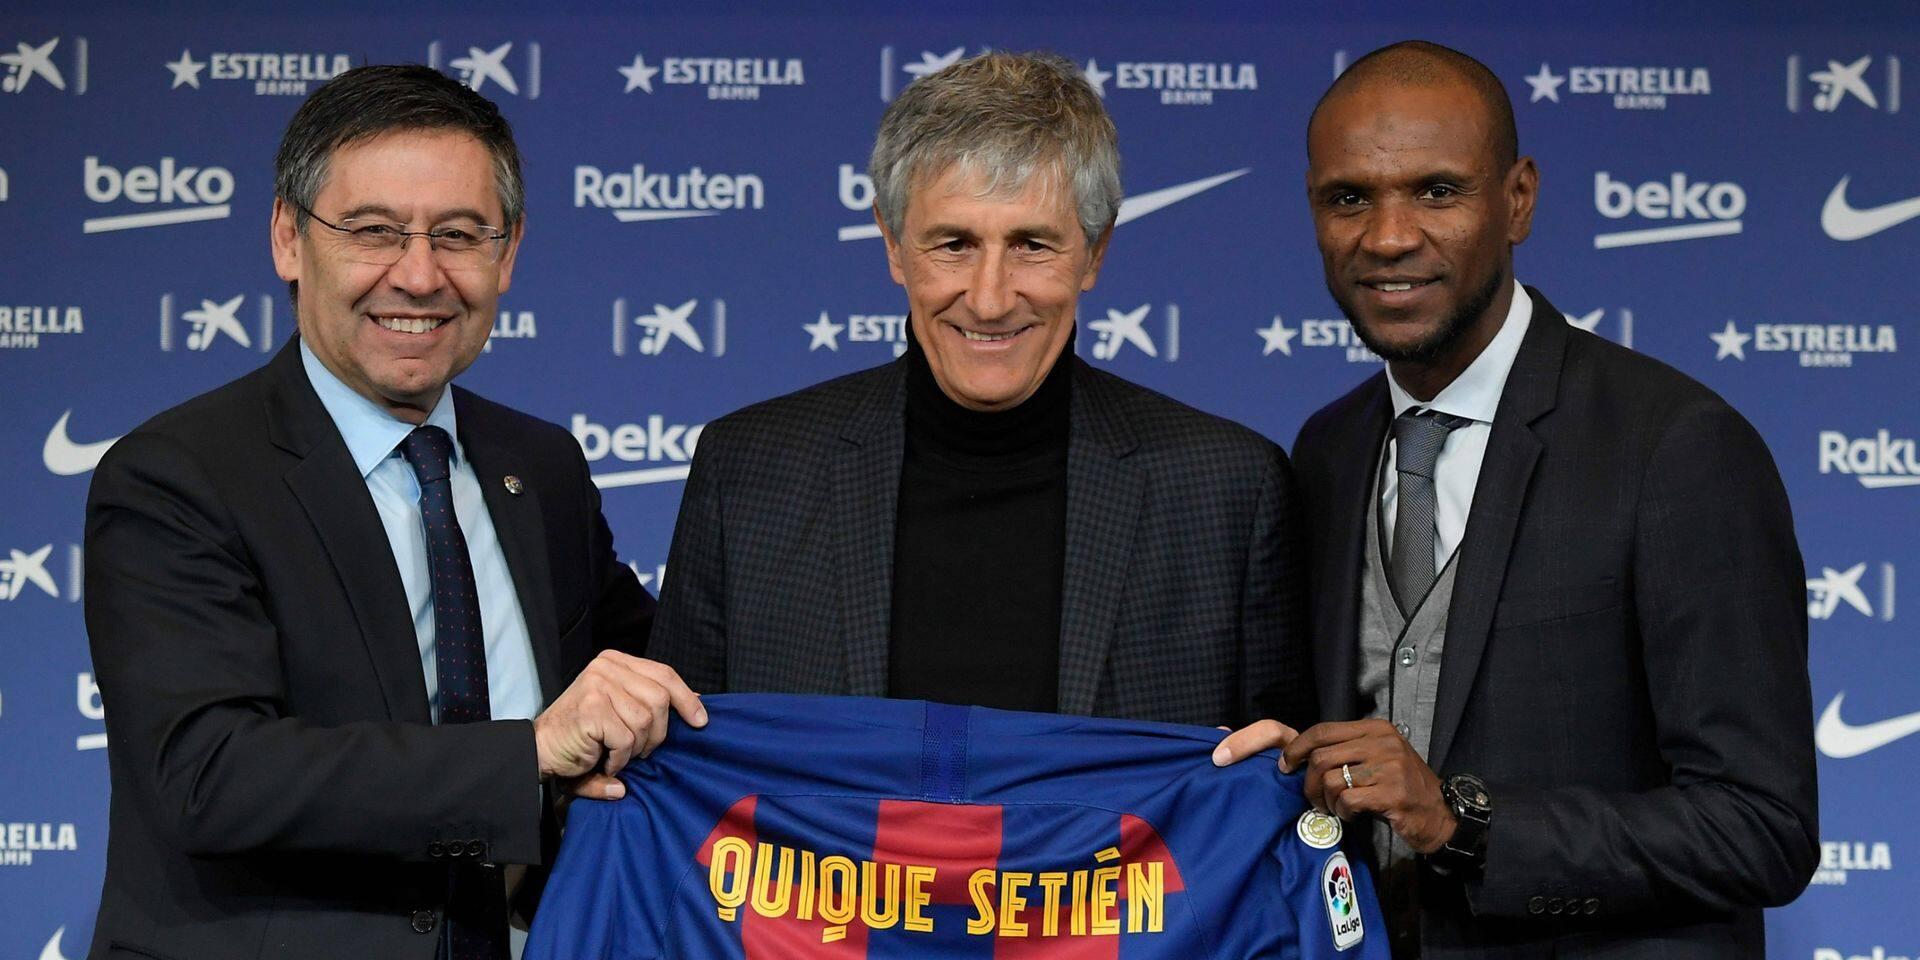 """Quique Setién, nouveau coach du Barça, donne le ton: """"Ma seule promesse, c'est que mon équipe jouera bien"""""""